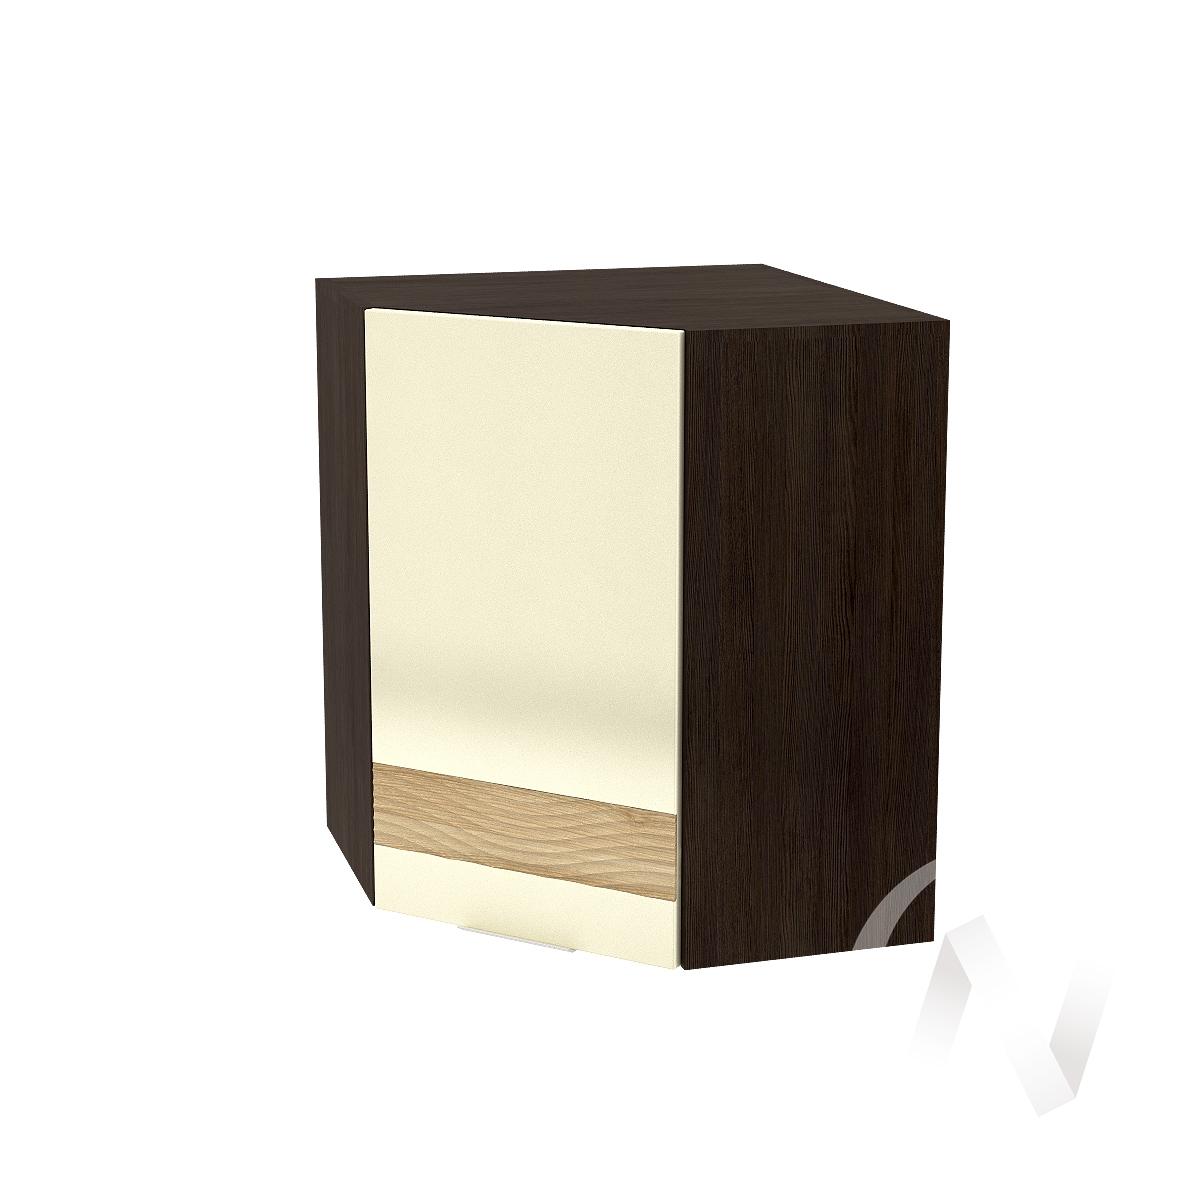 """Кухня """"Терра"""": Шкаф верхний угловой левый 590, ШВУ 590 (ваниль софт/ель карпатская/корпус венге)"""